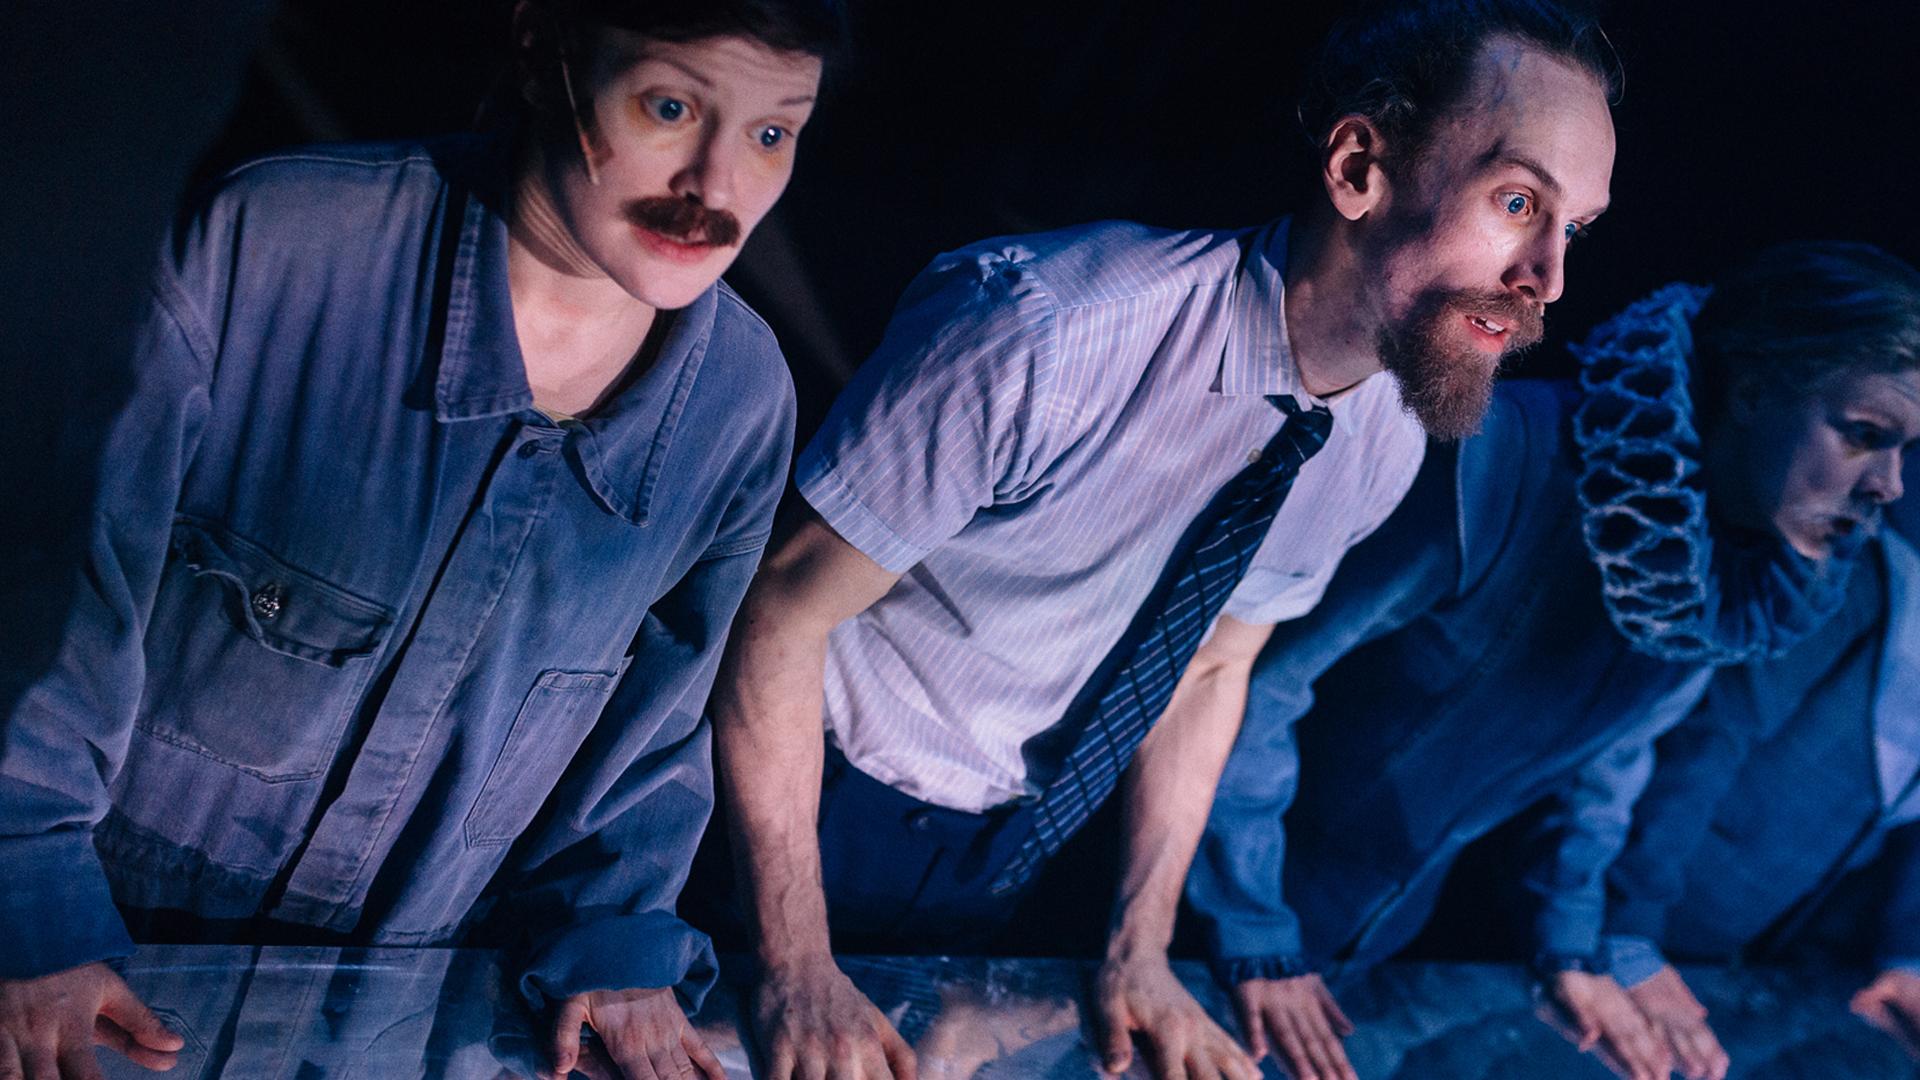 Näyttelijöitä esiintymässä lavalla Donkey Hot musikaalissa